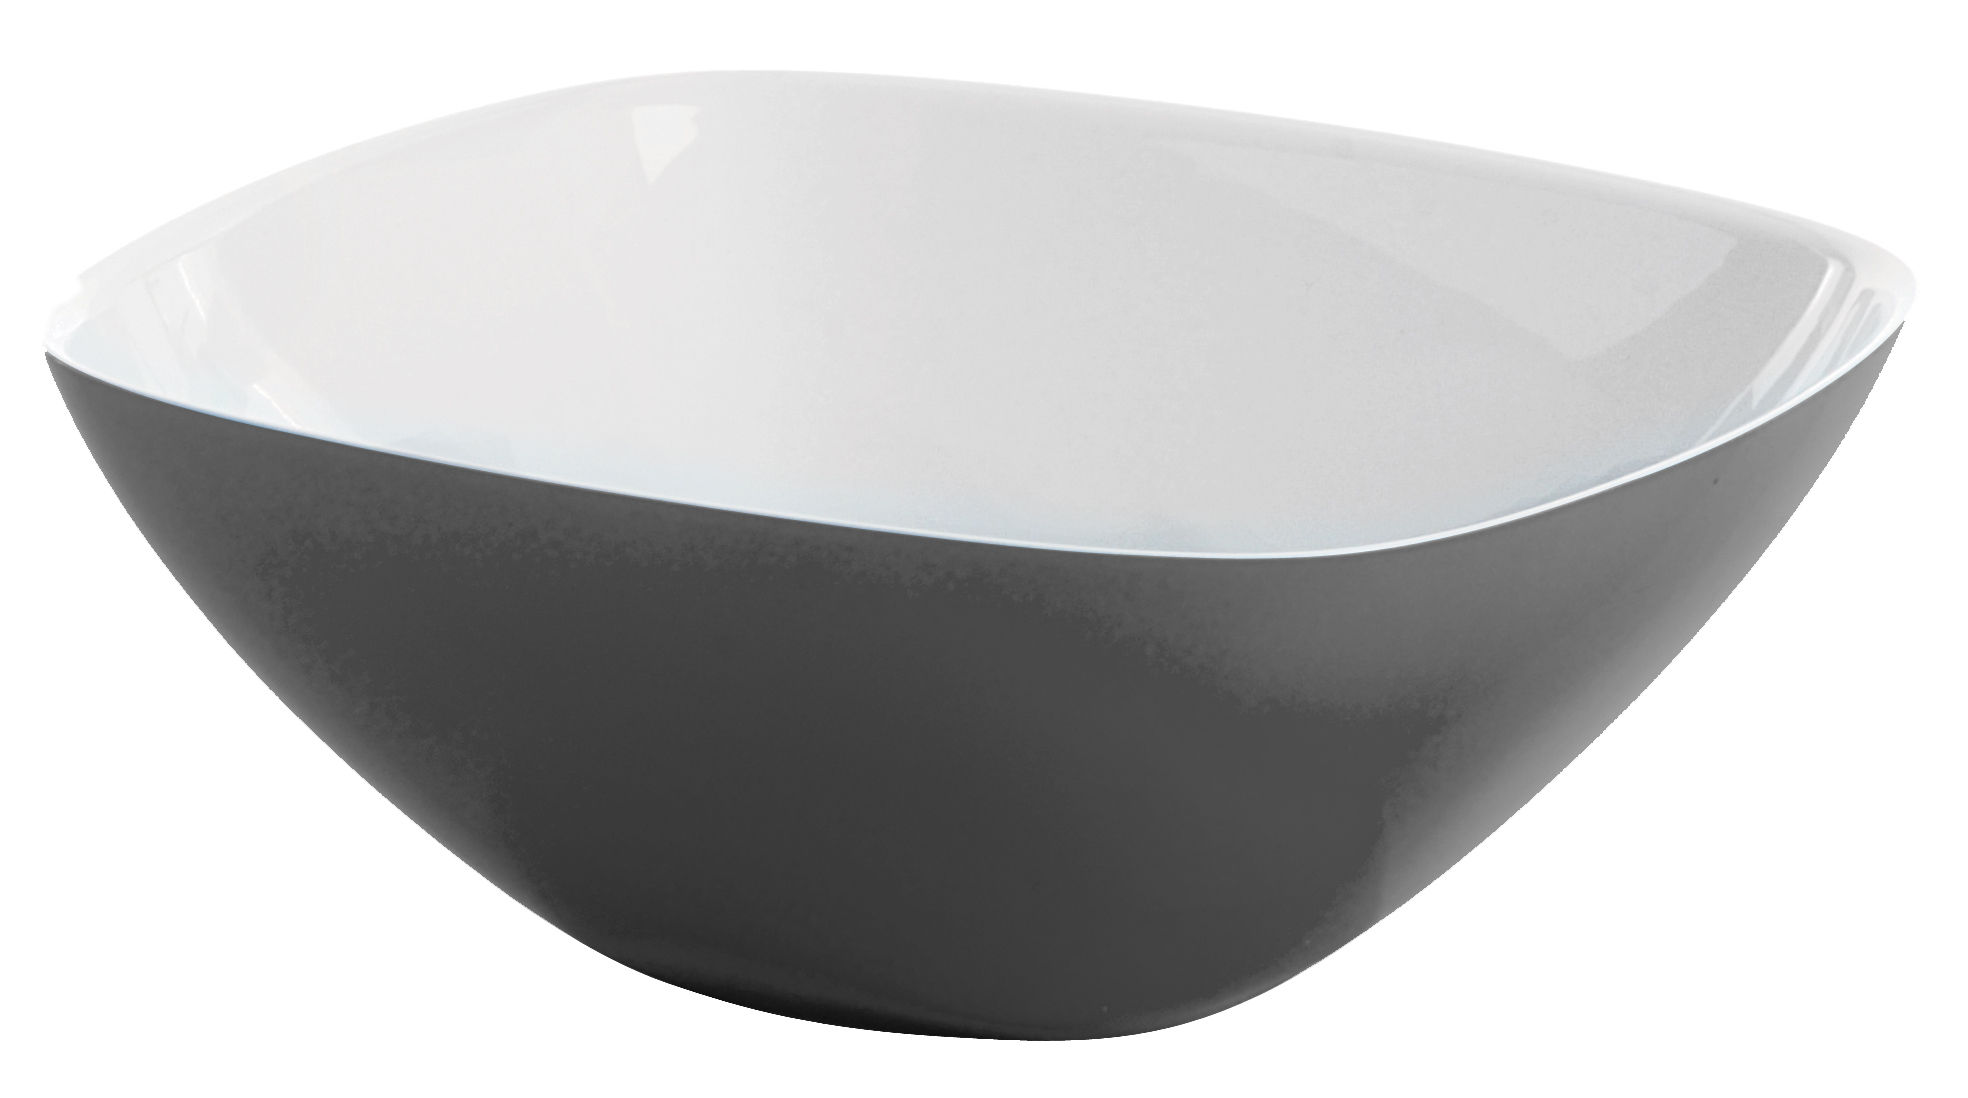 Tischkultur - Salatschüsseln und Schalen - Vintage Schale - Guzzini - Weiß - Grau - Plastik mit SAN